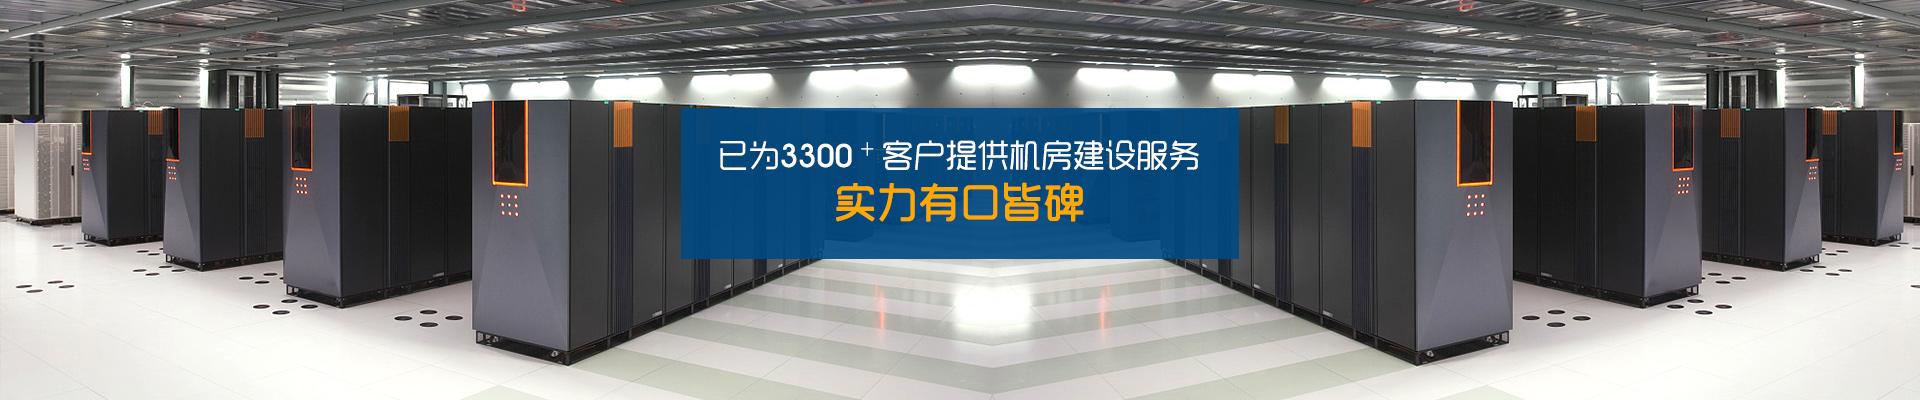 华思特-已为3300+客户提供机房建设服务 实力有口皆碑